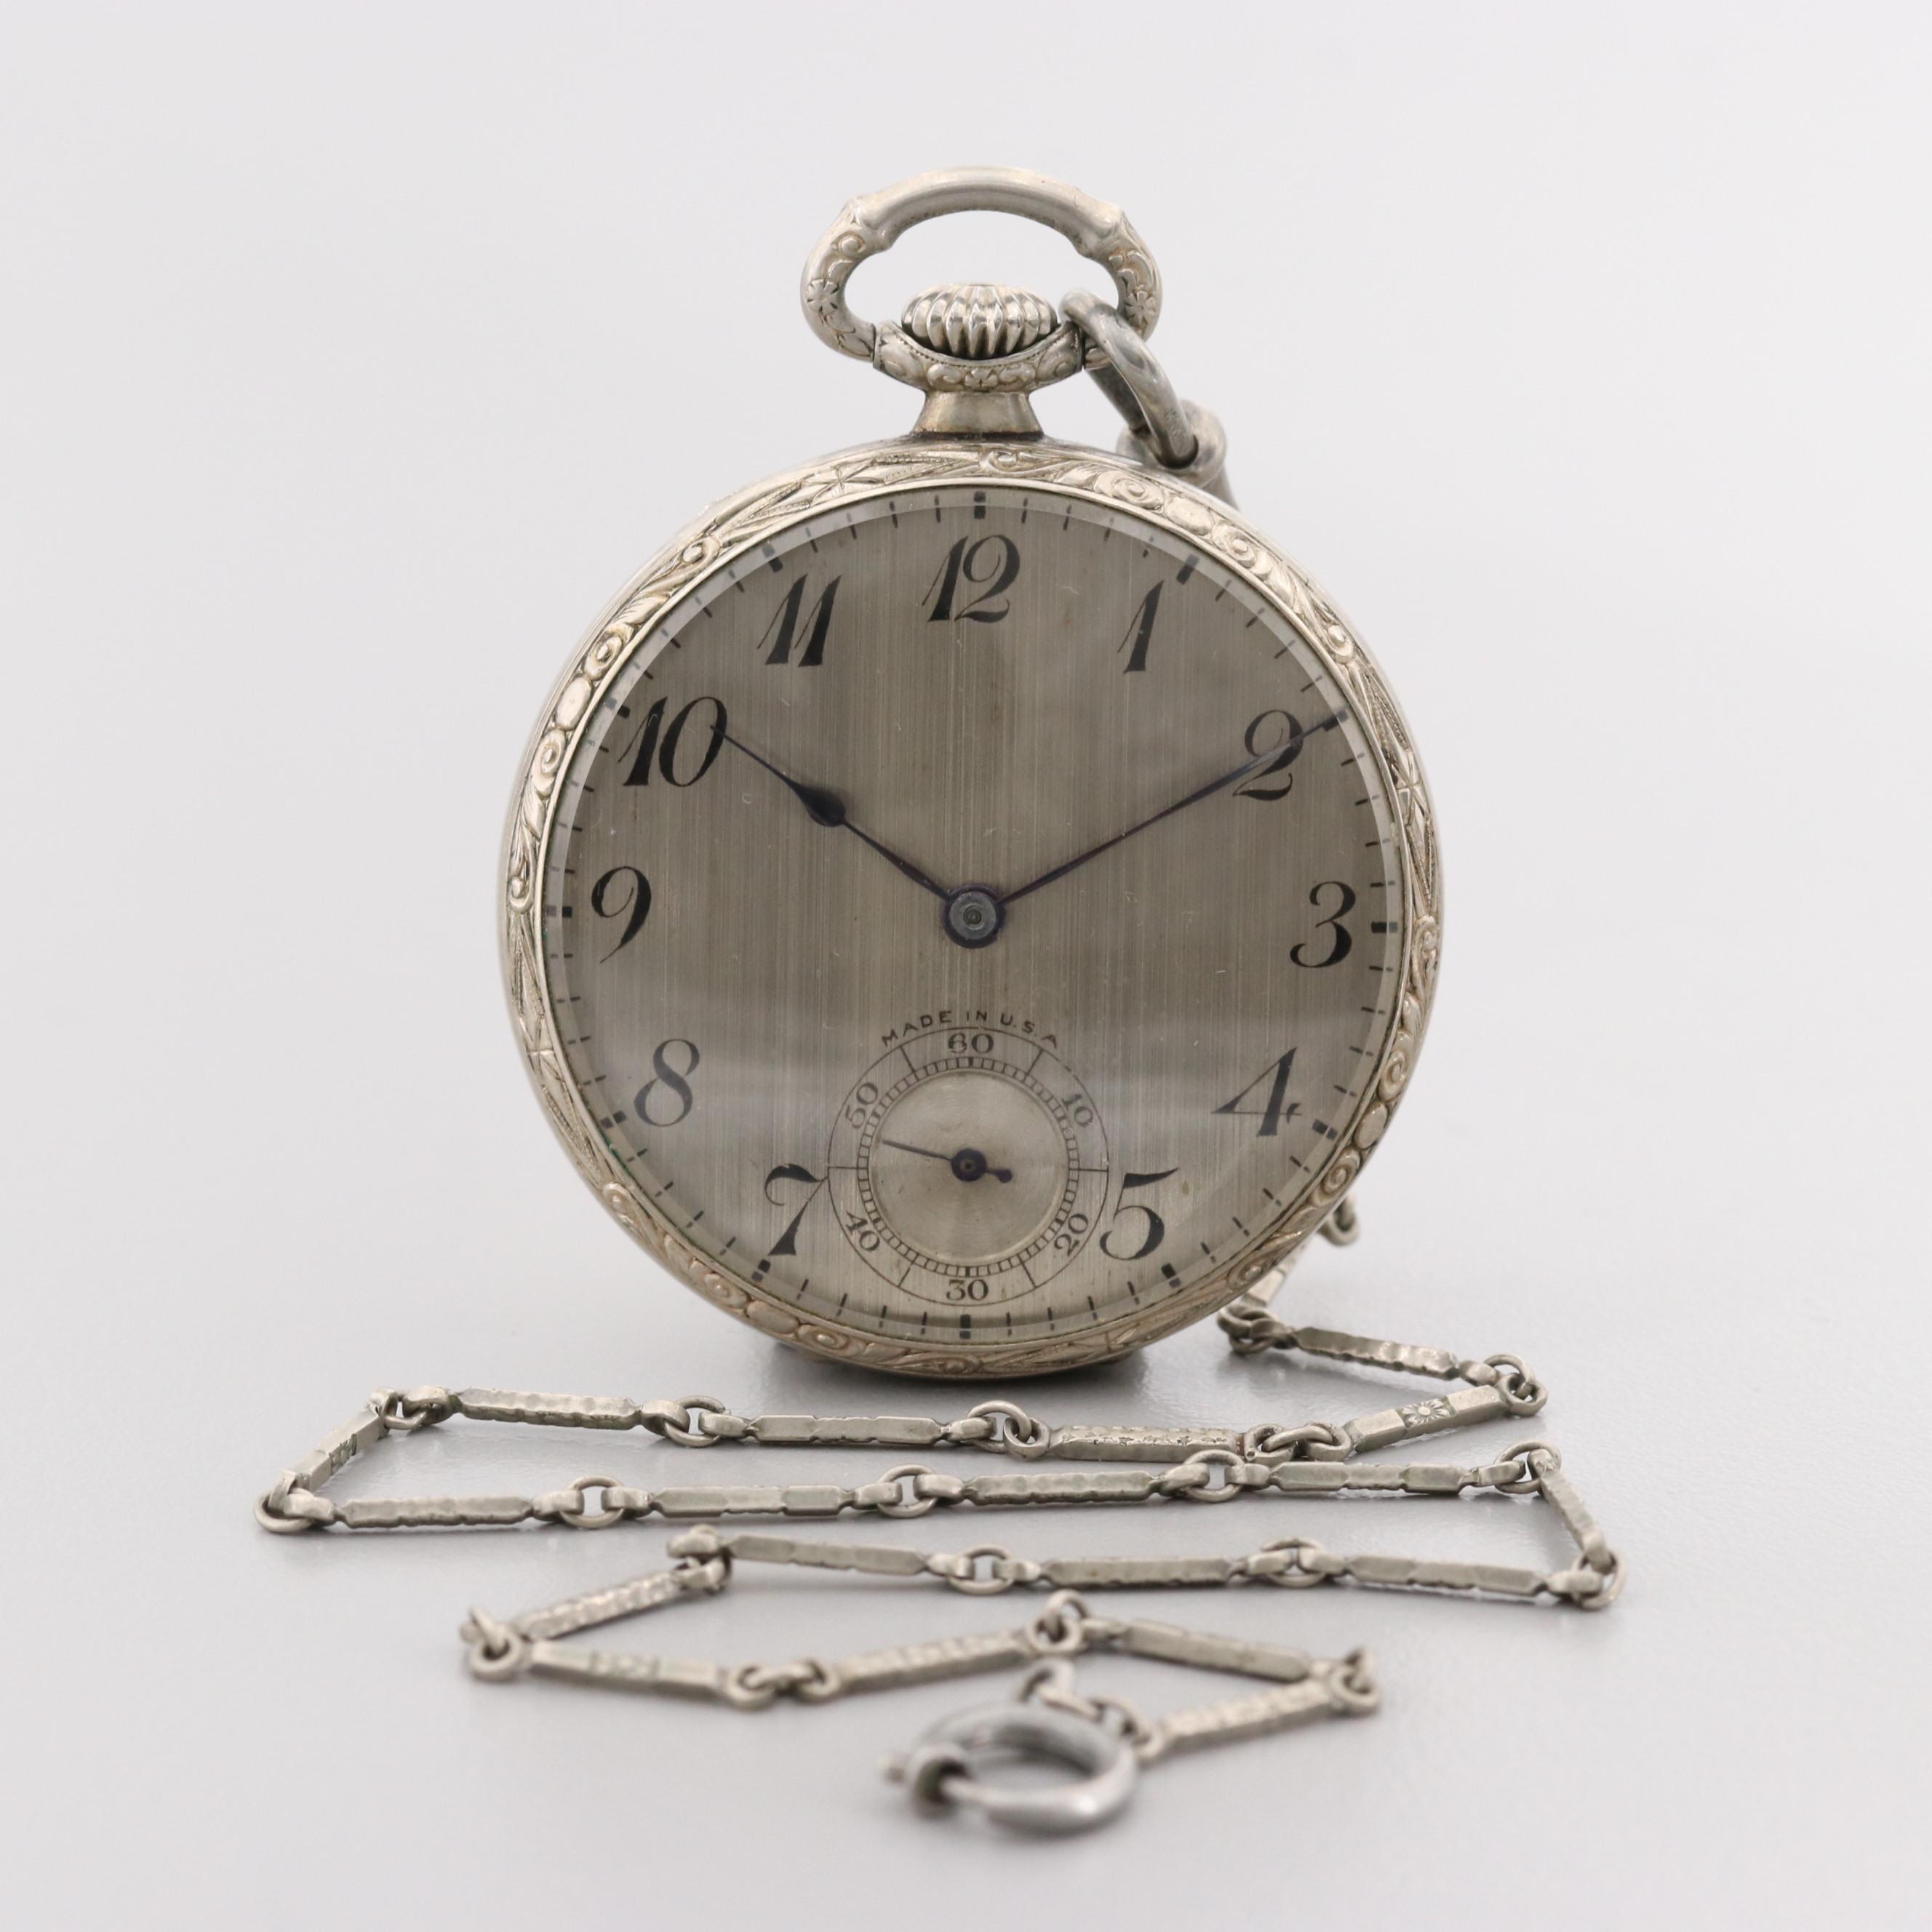 Vintage New York Standard Gold Filled Pocket Watch